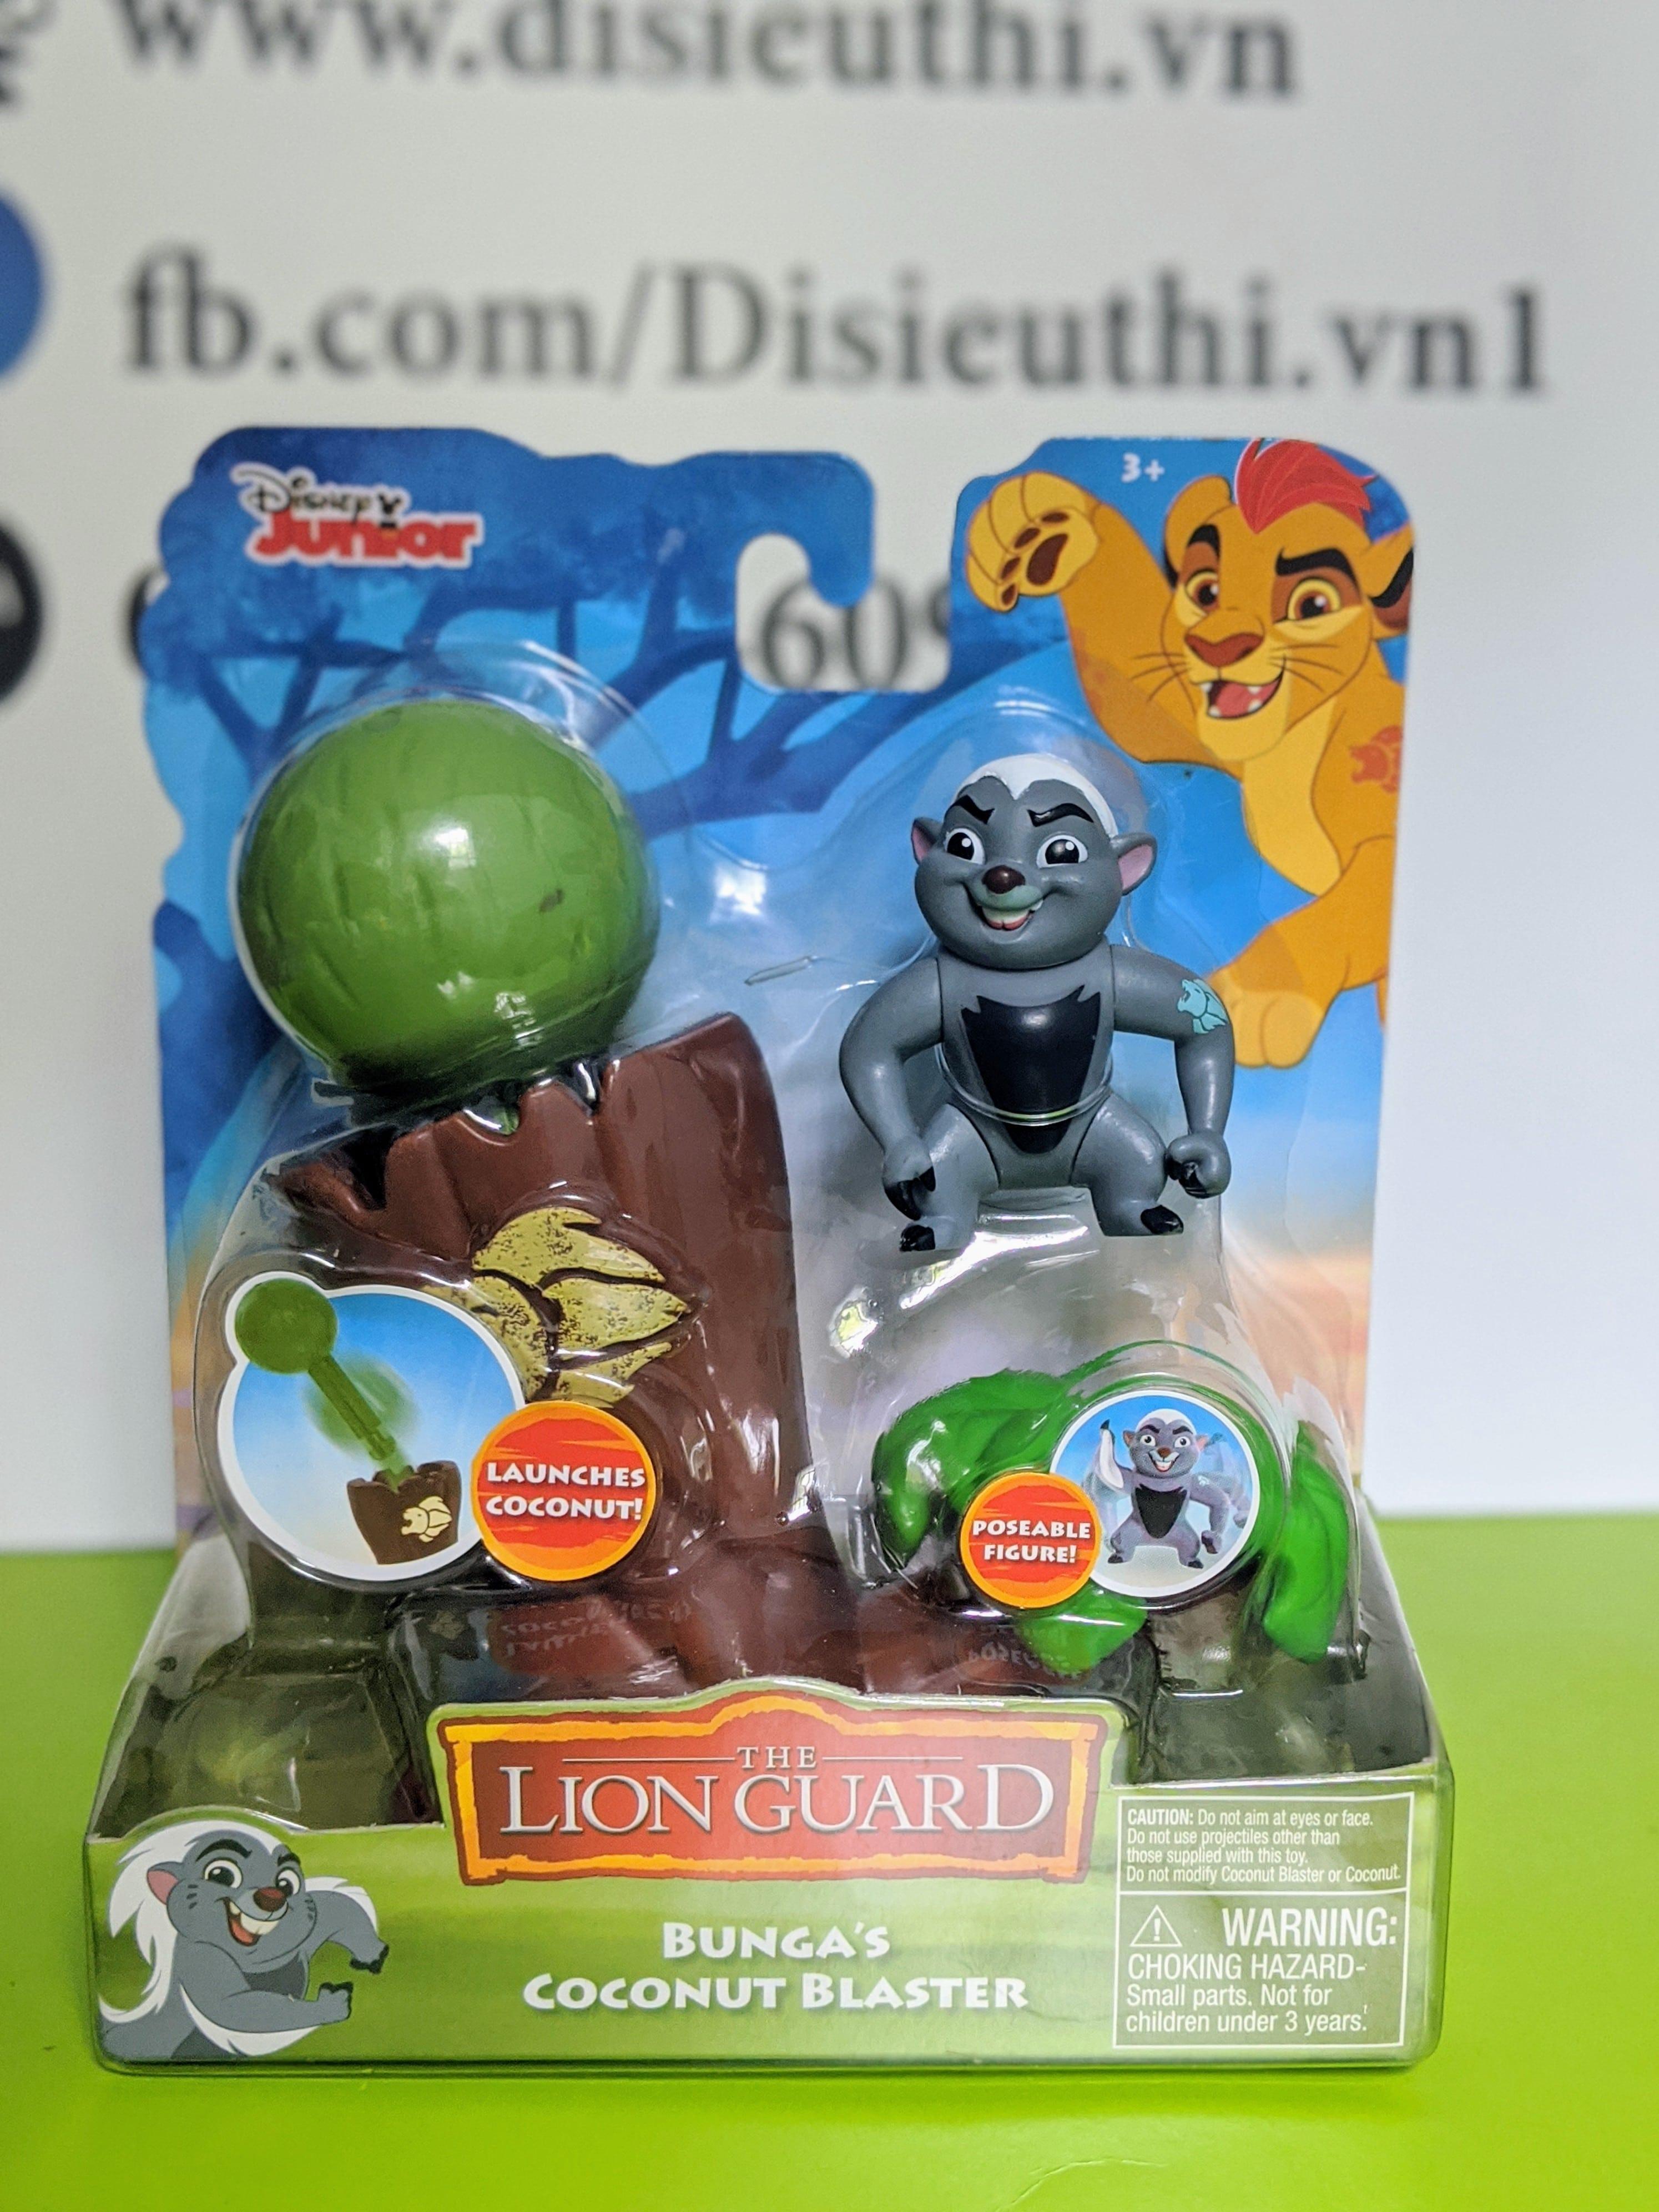 Đồ Chơi Mô Hình Nhân Vật Hoạt Hình Vua Sư Tử - The Lion King Hàng Nhập Mỹ Bất Ngờ Ưu Đãi Giá